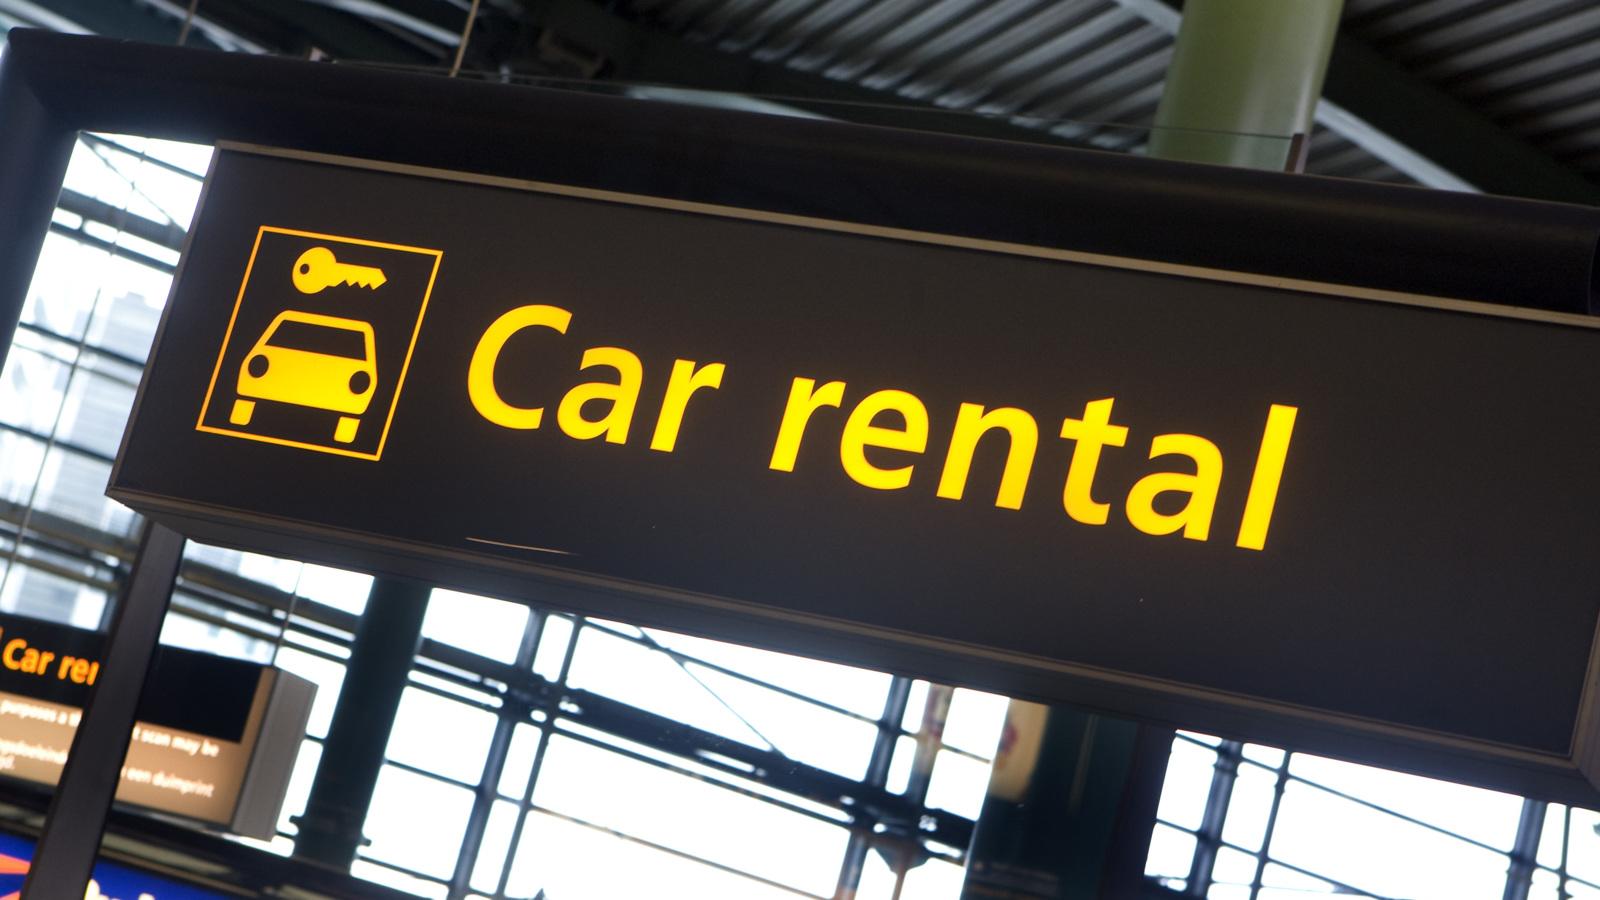 Consumentenbond: veel mis bij autoverhuur buitenland | NOS